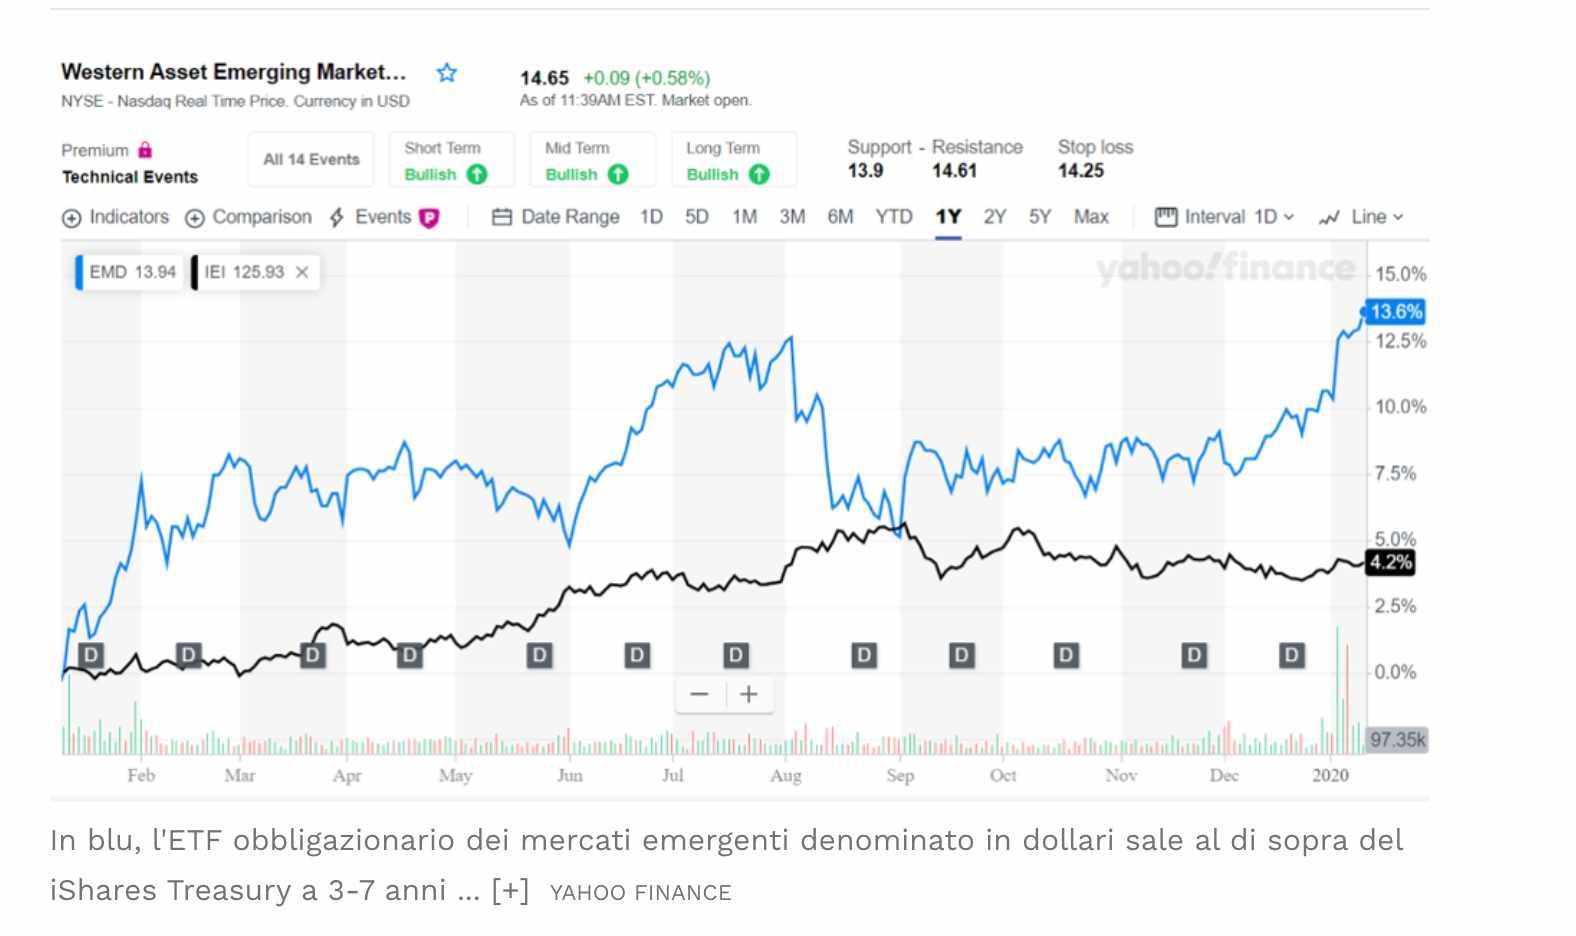 Obbligazioni Migliori da Comprare su cui Investire nel 2020